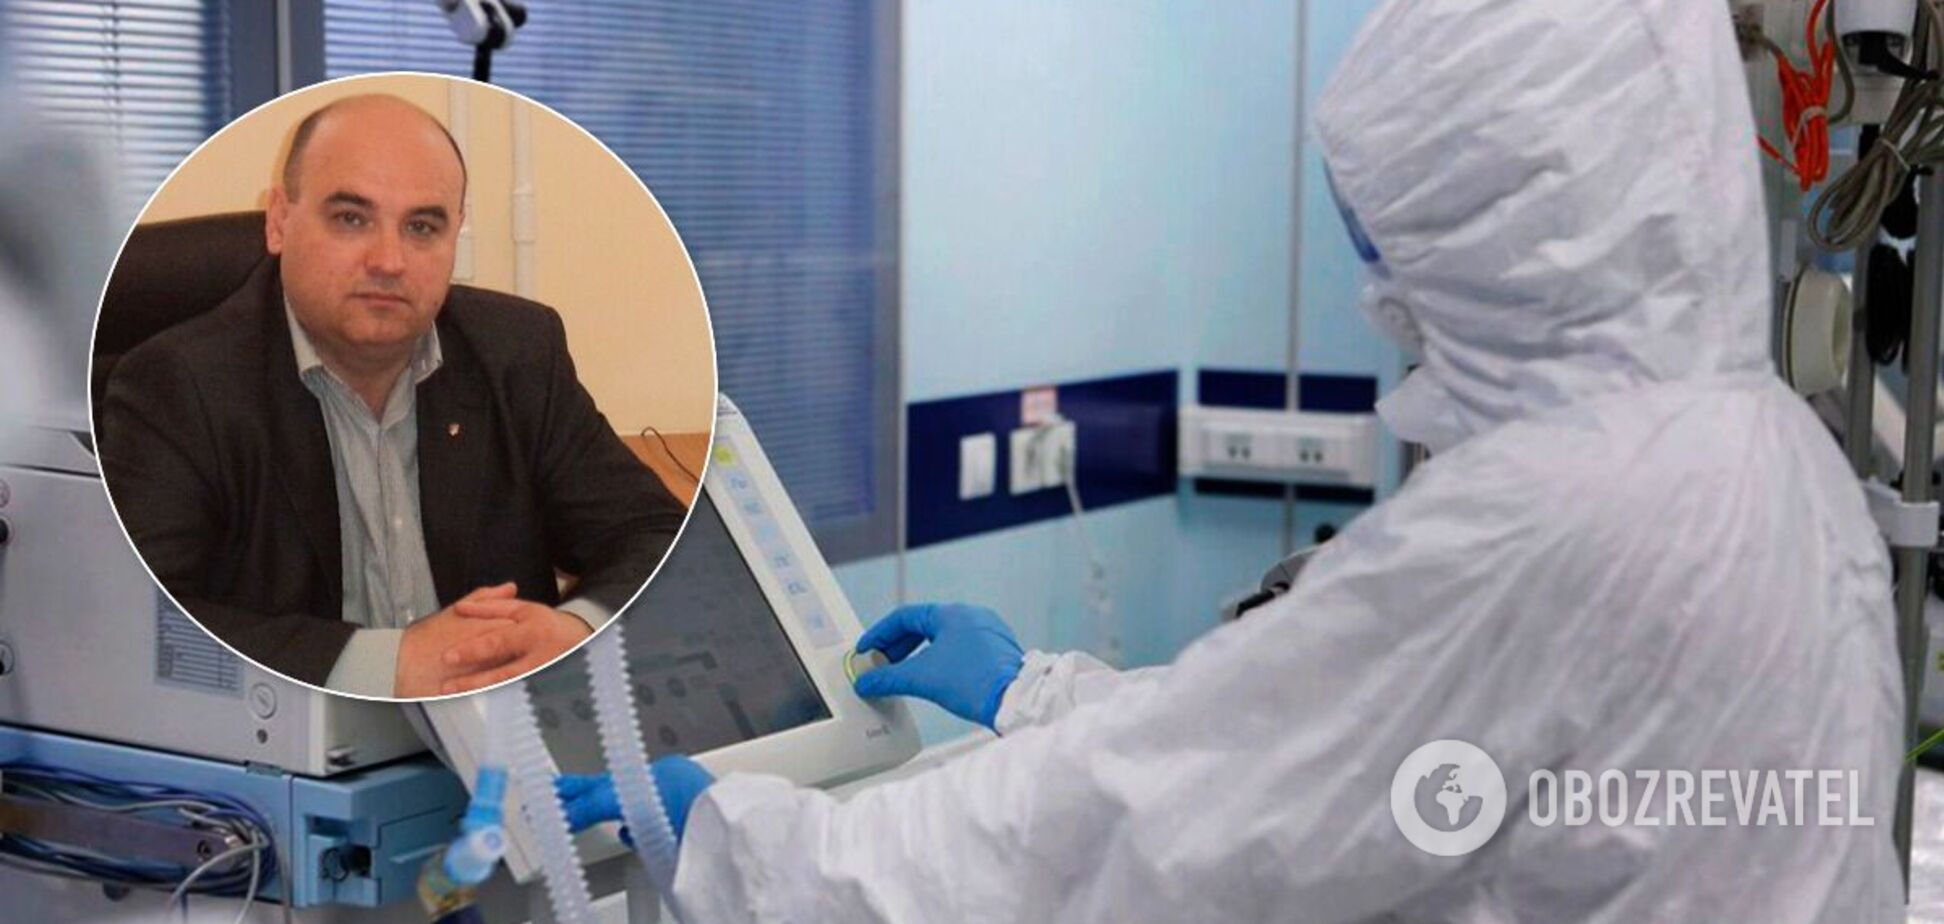 У Бондаренко диагностировали коронавирус и воспаление легких